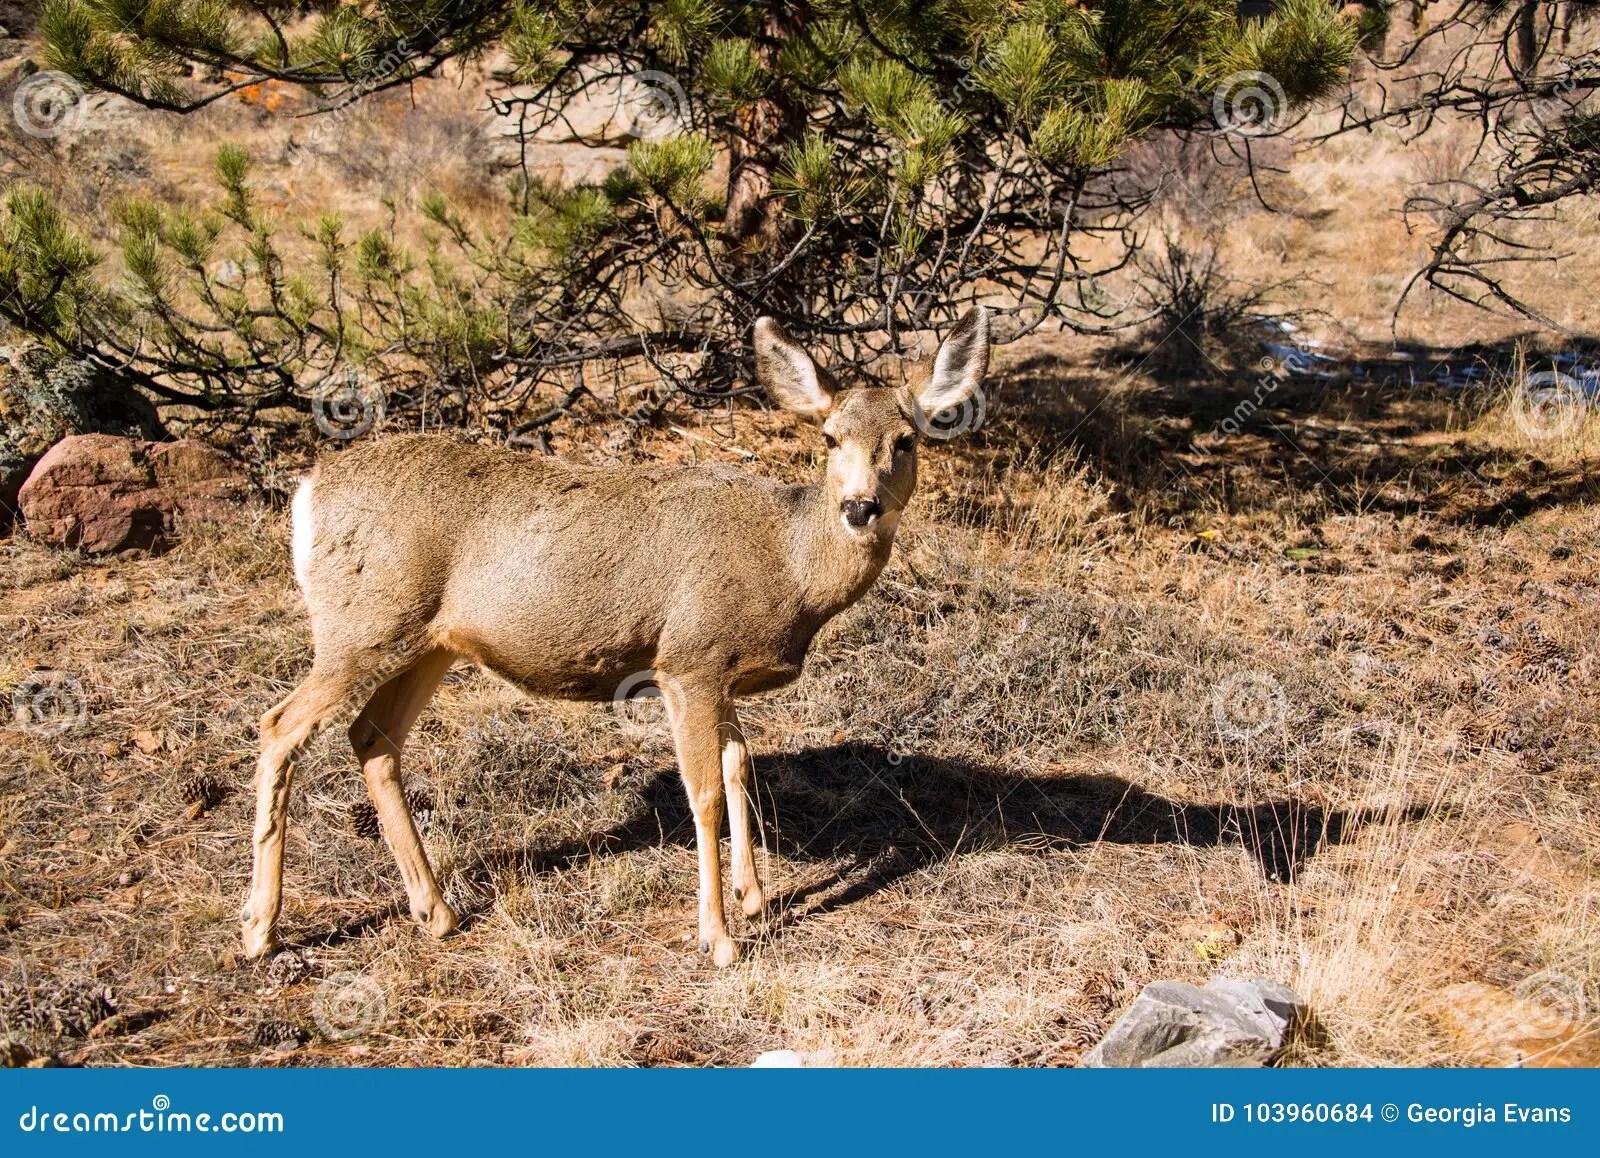 mule deer doe walking